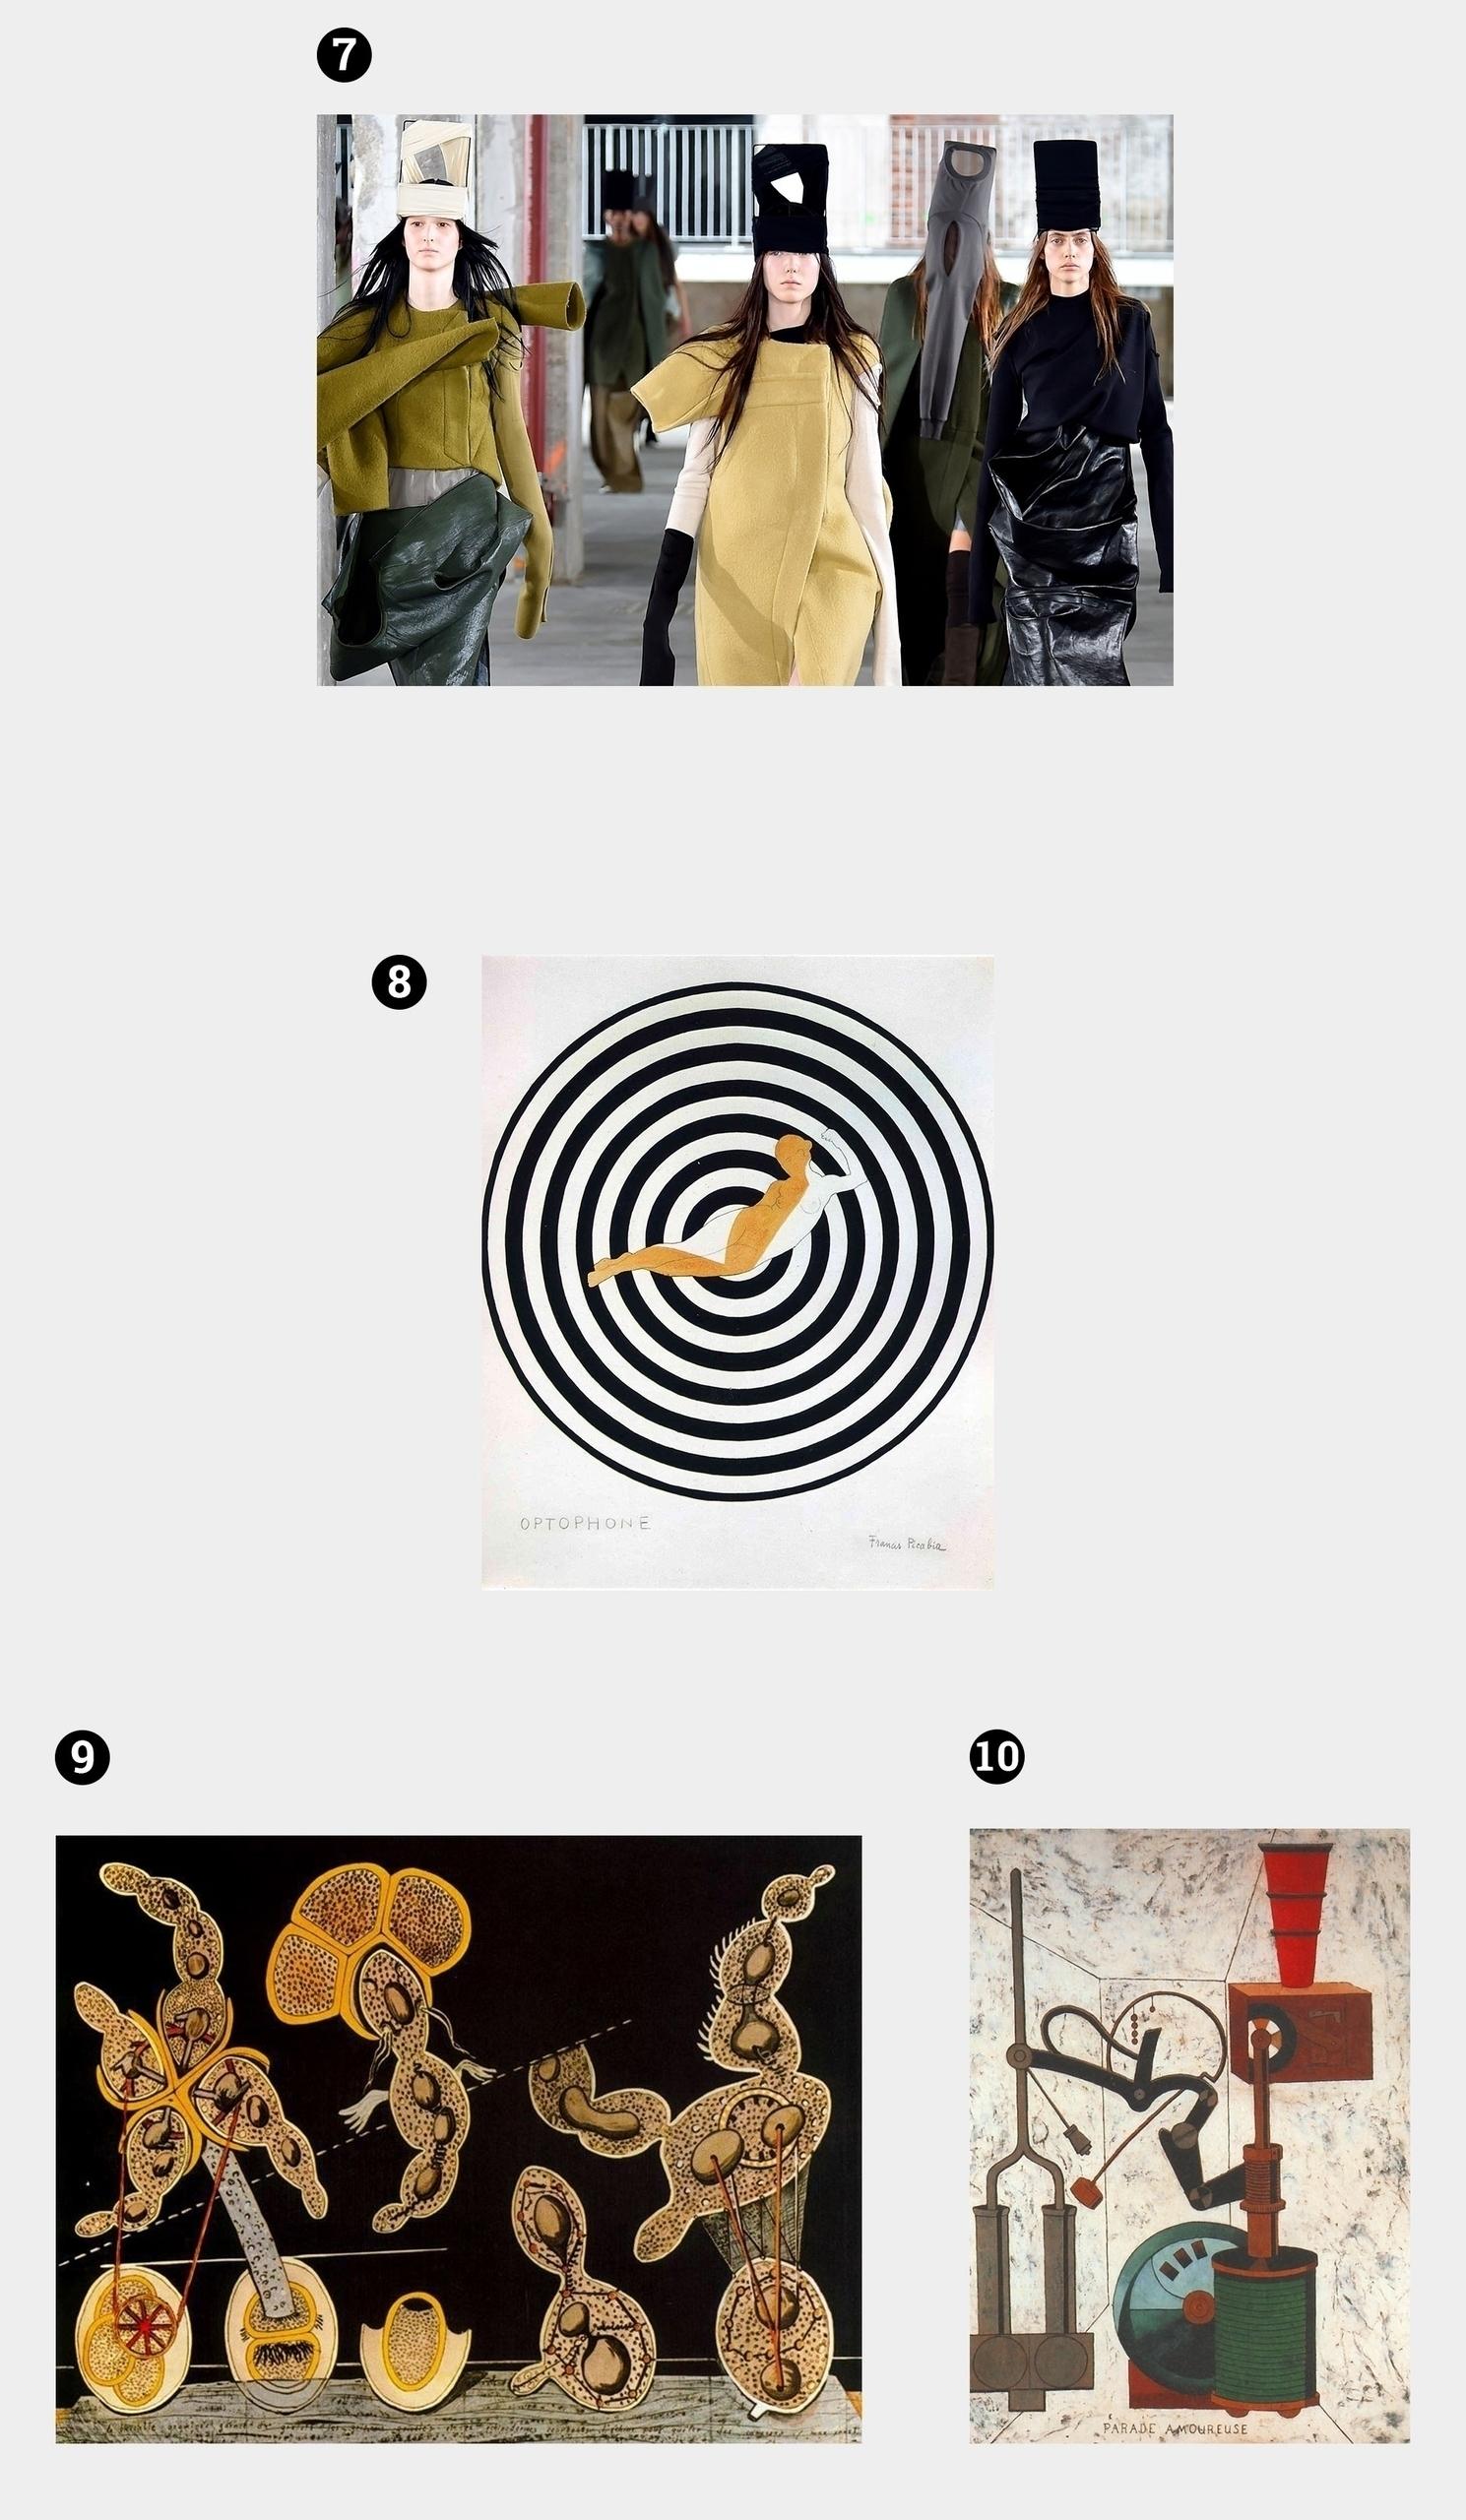 Obraz przedstawia cztery fotografie. Widzimy trzy prace znanych artystów i jedno zdjęcie przedstawiające pokaz mody.